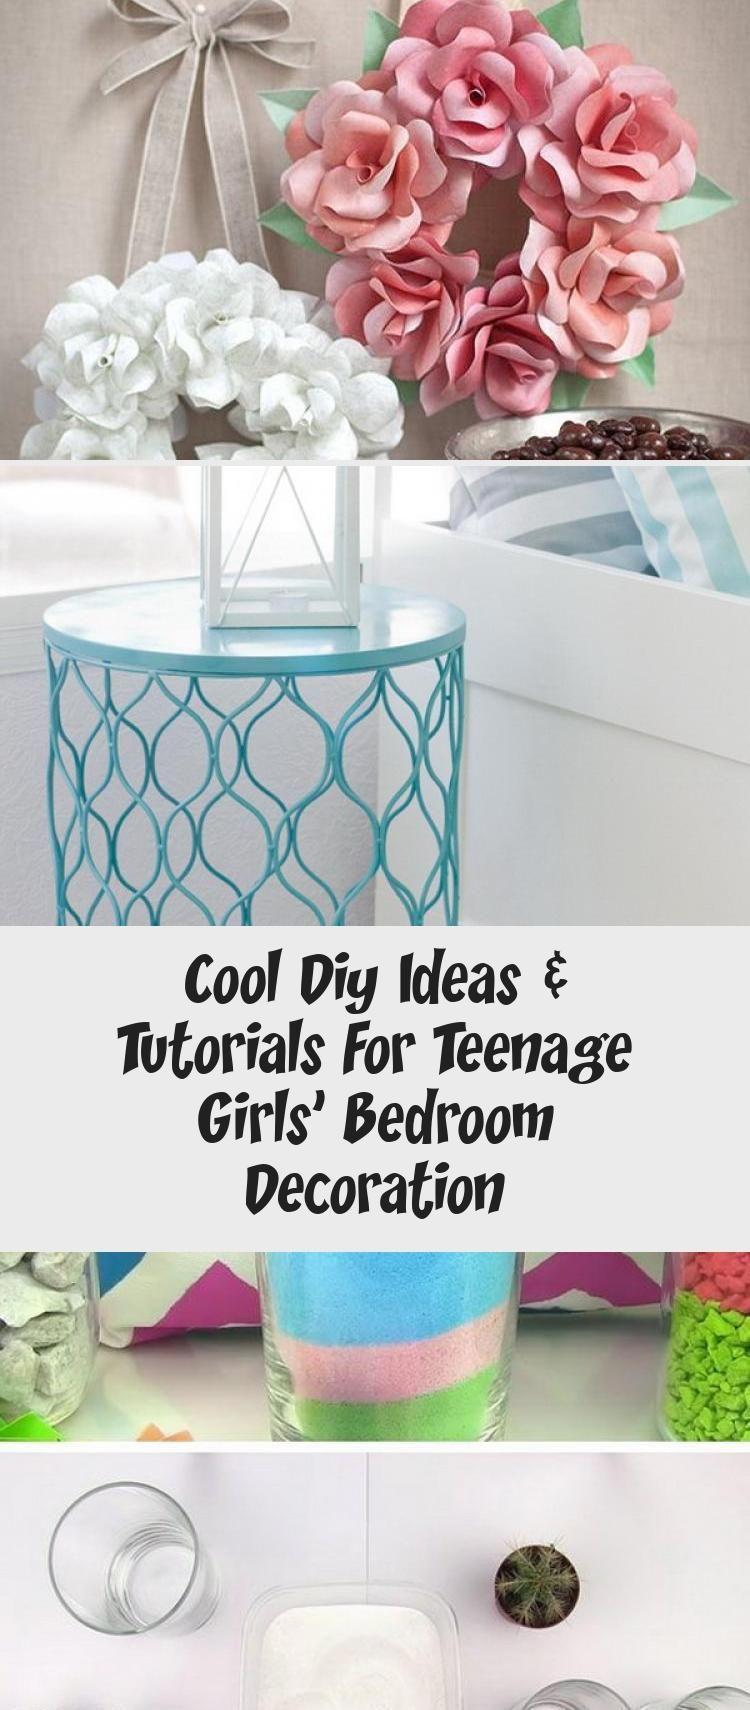 Cool Diy Ideas & Tutorials For Teenage Girls' Bedroom Decoration - #teenagegirlbedrooms